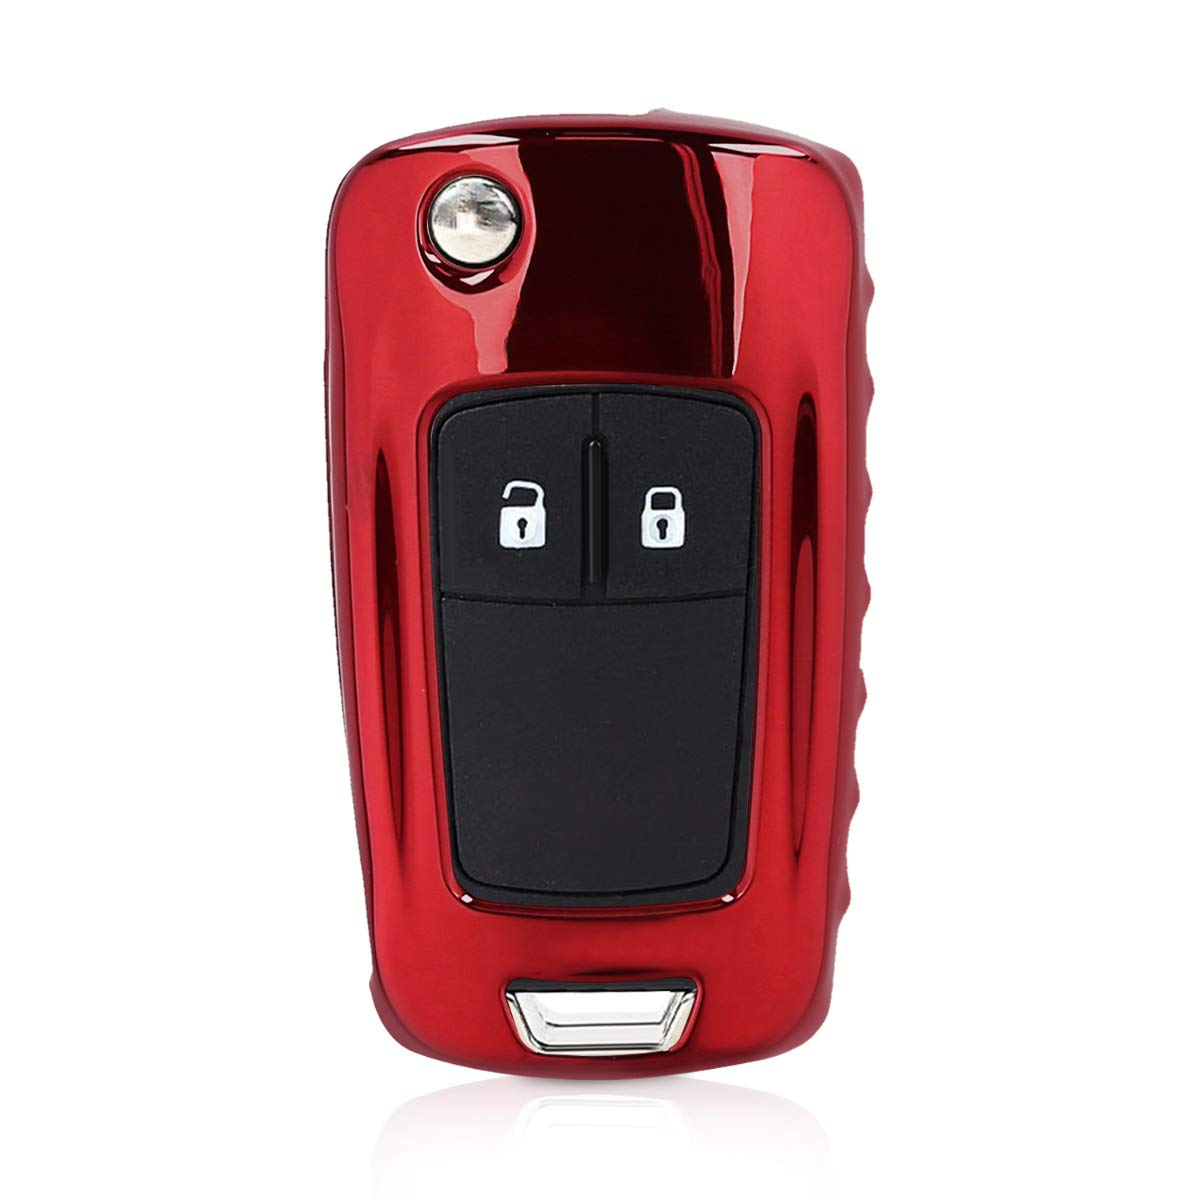 kwmobile Funda para Llave Plegable de 2-3 Botones para Coche Opel Vauxhall - Carcasa Suave de TPU para Llaves - Cover de Mando y Control de Auto en ...